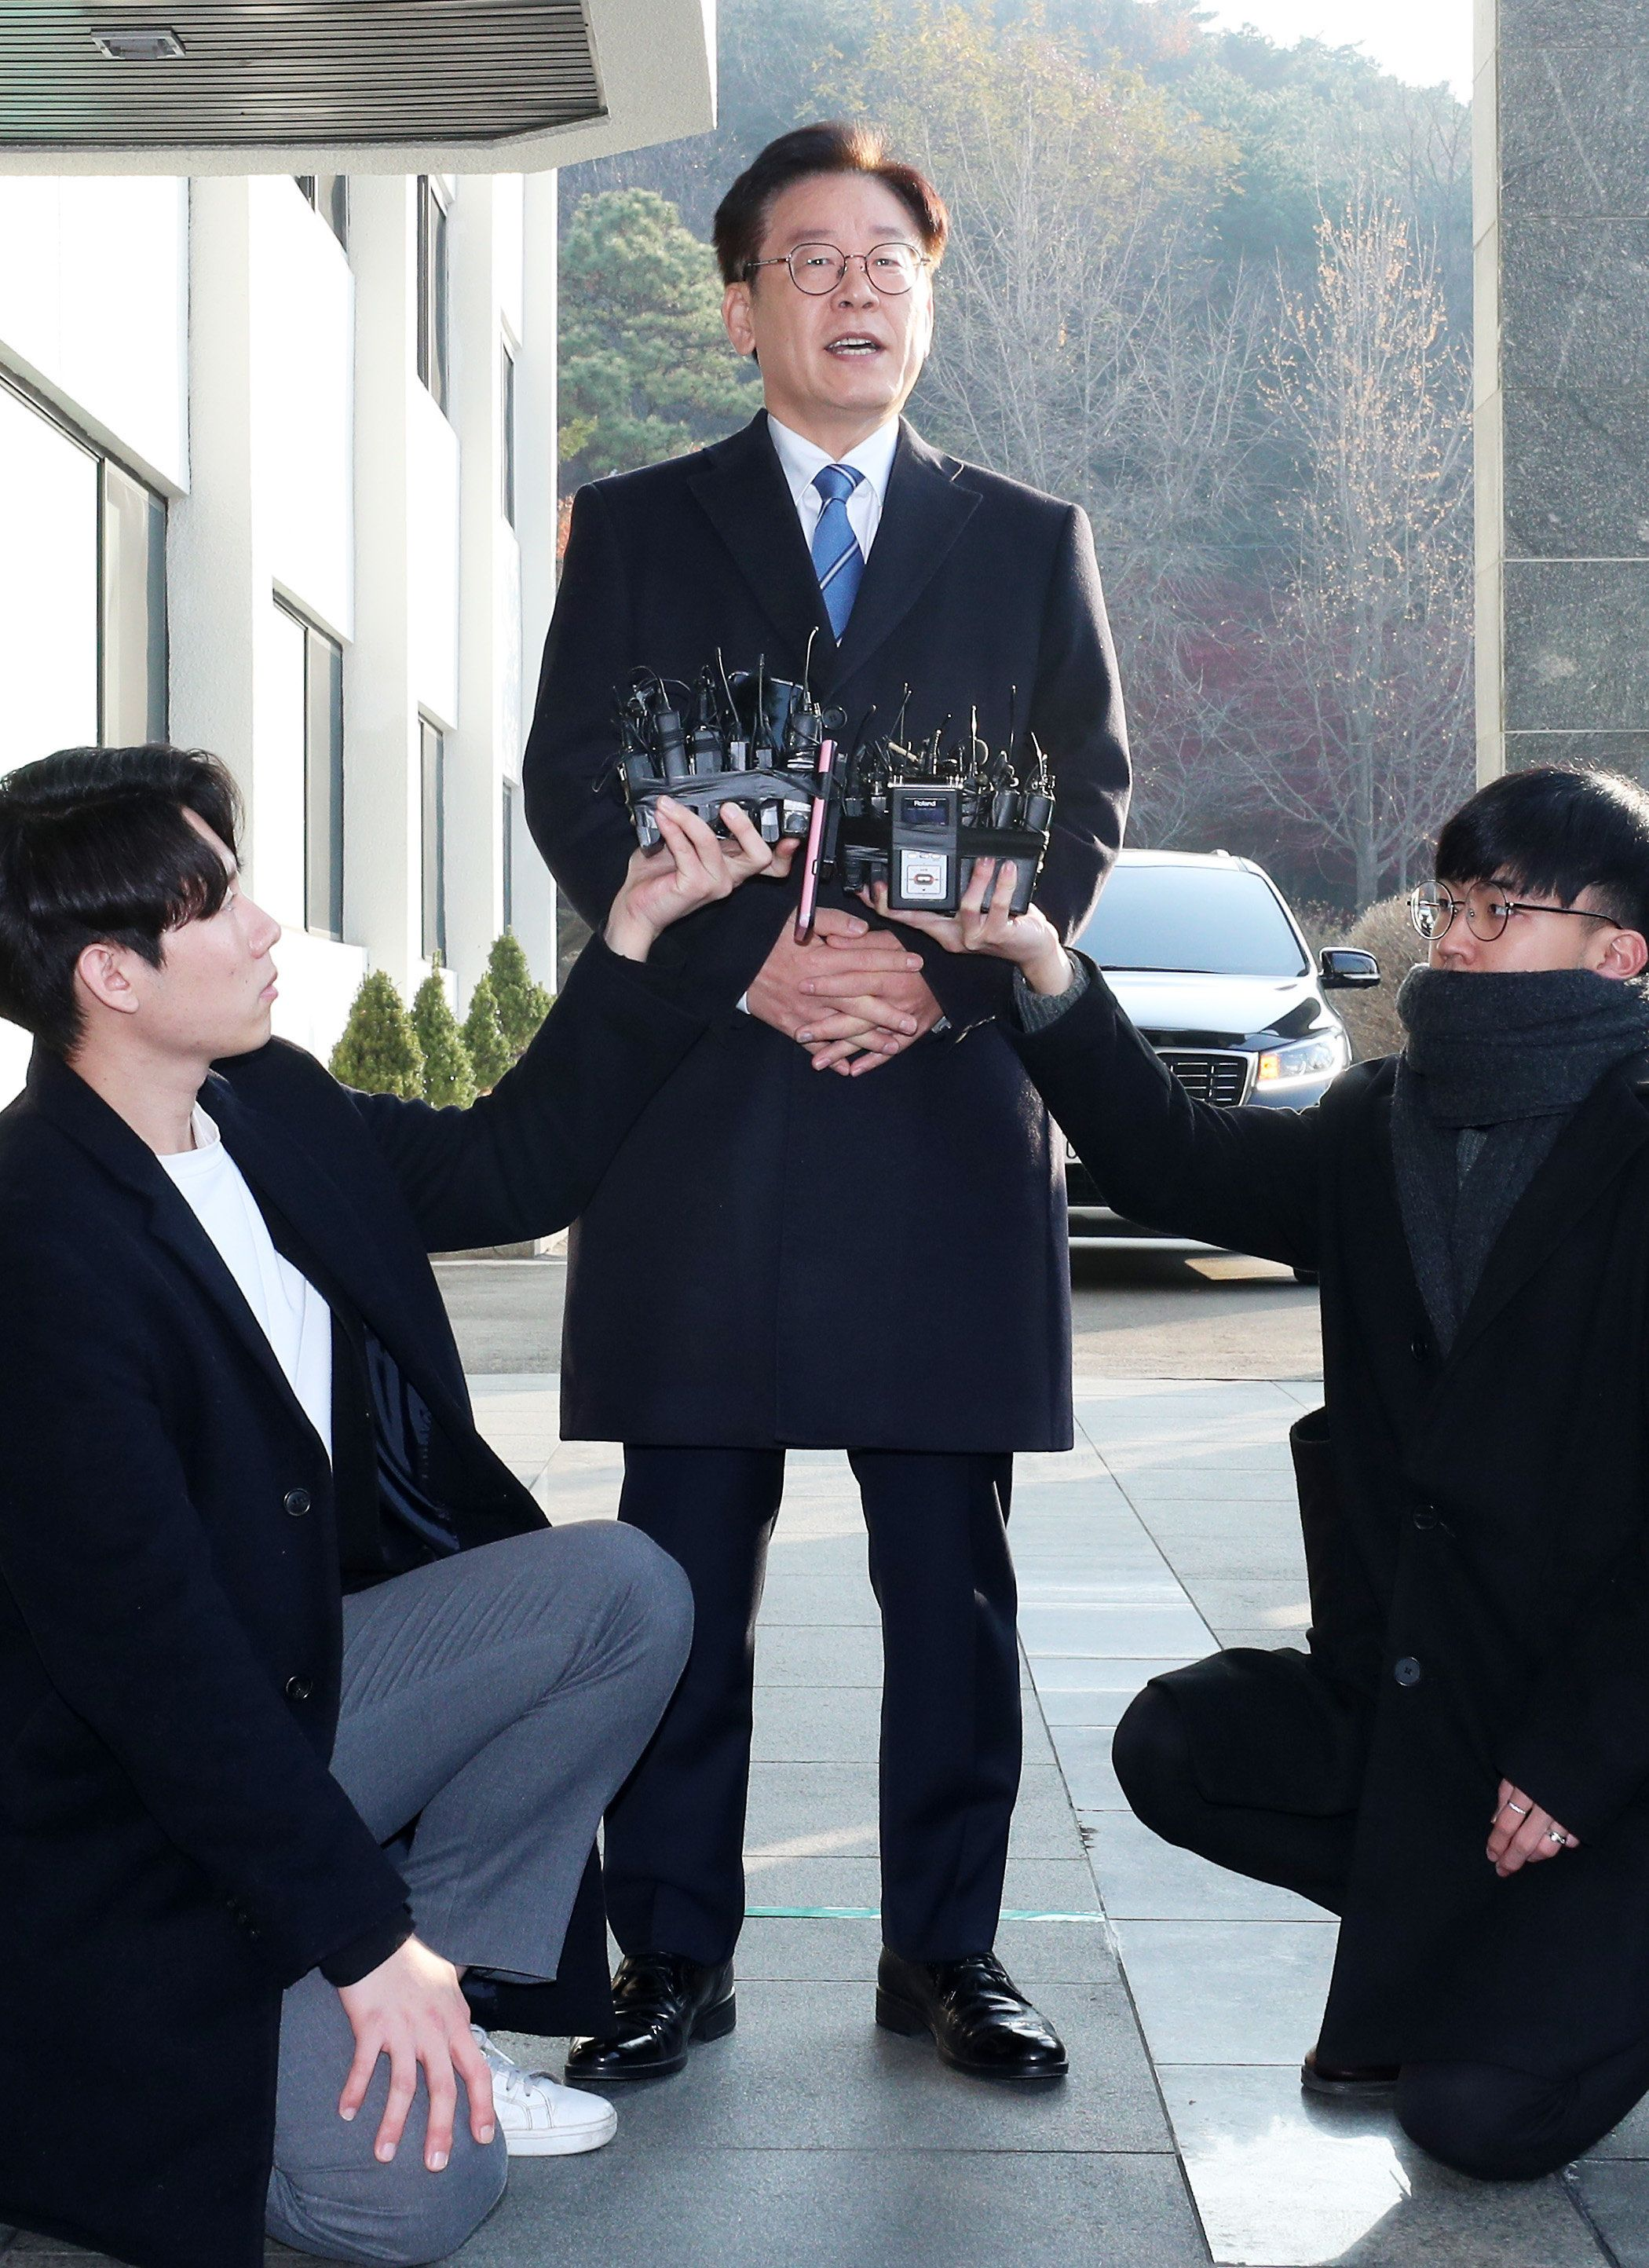 이재명 지사가 출근길에 '혜경궁 김씨' 관련 입장을